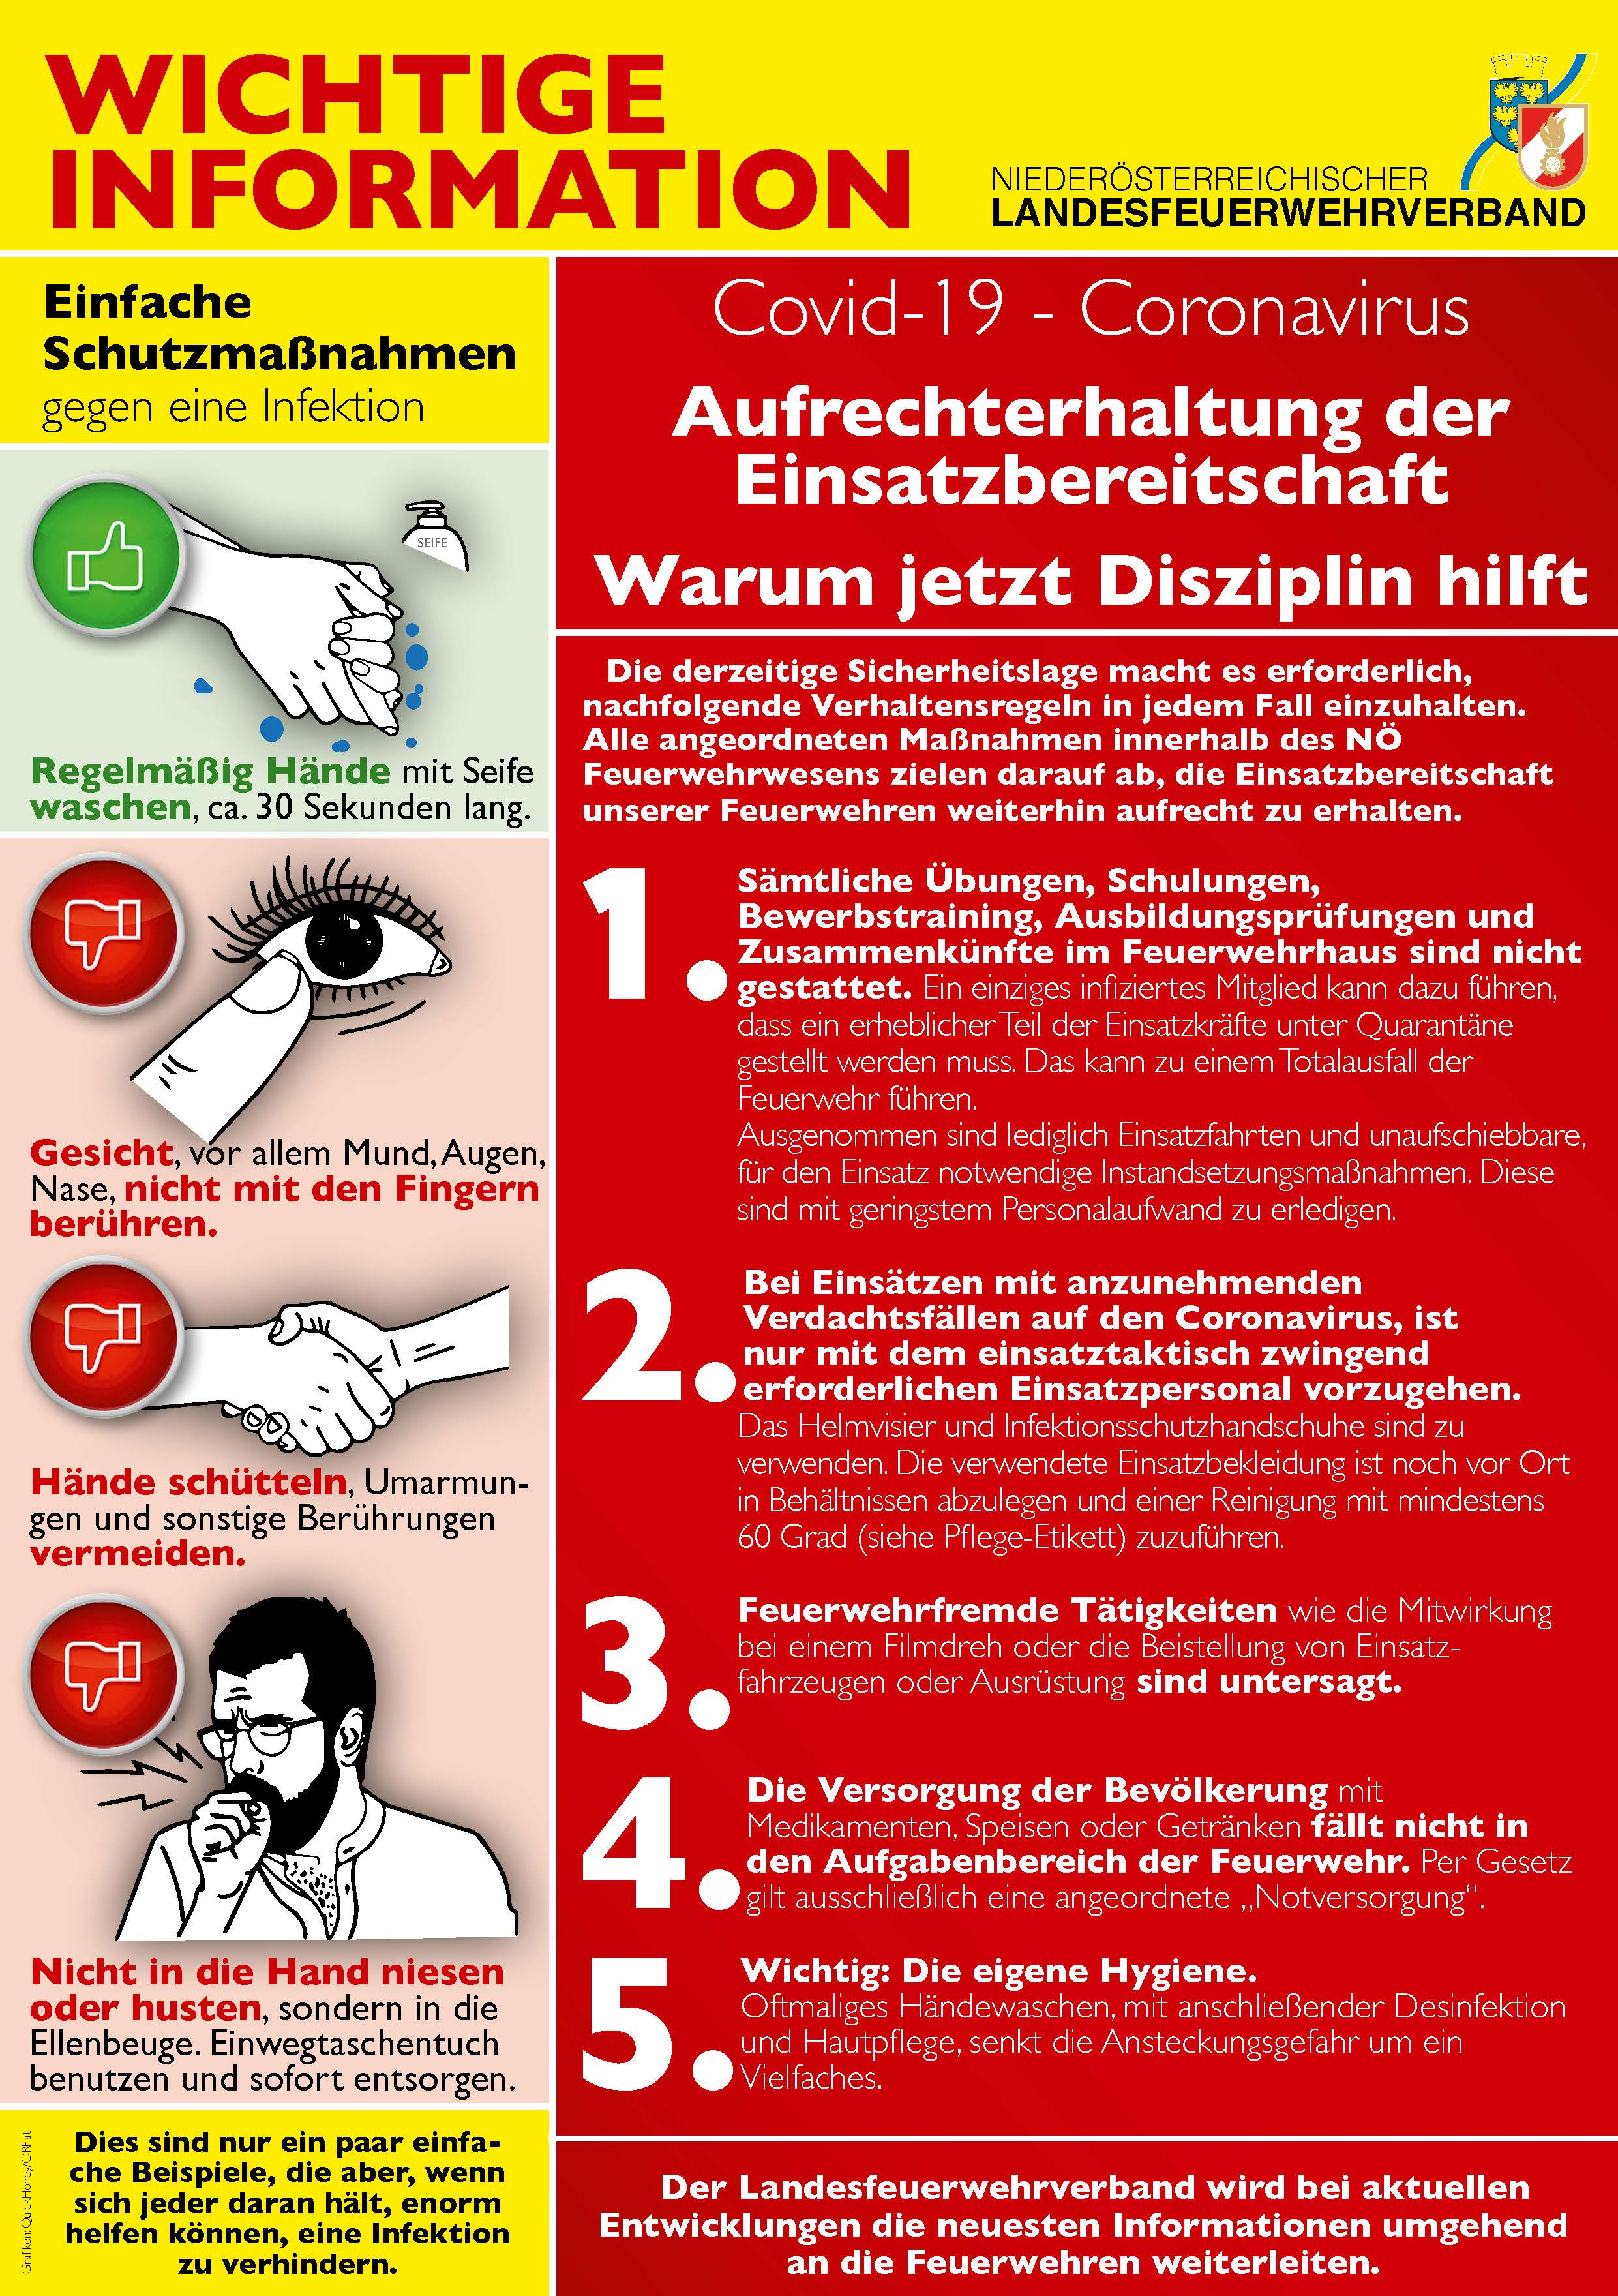 CORONA -Wichtige Infos des NÖ Landesfeuerwehrverbandes!